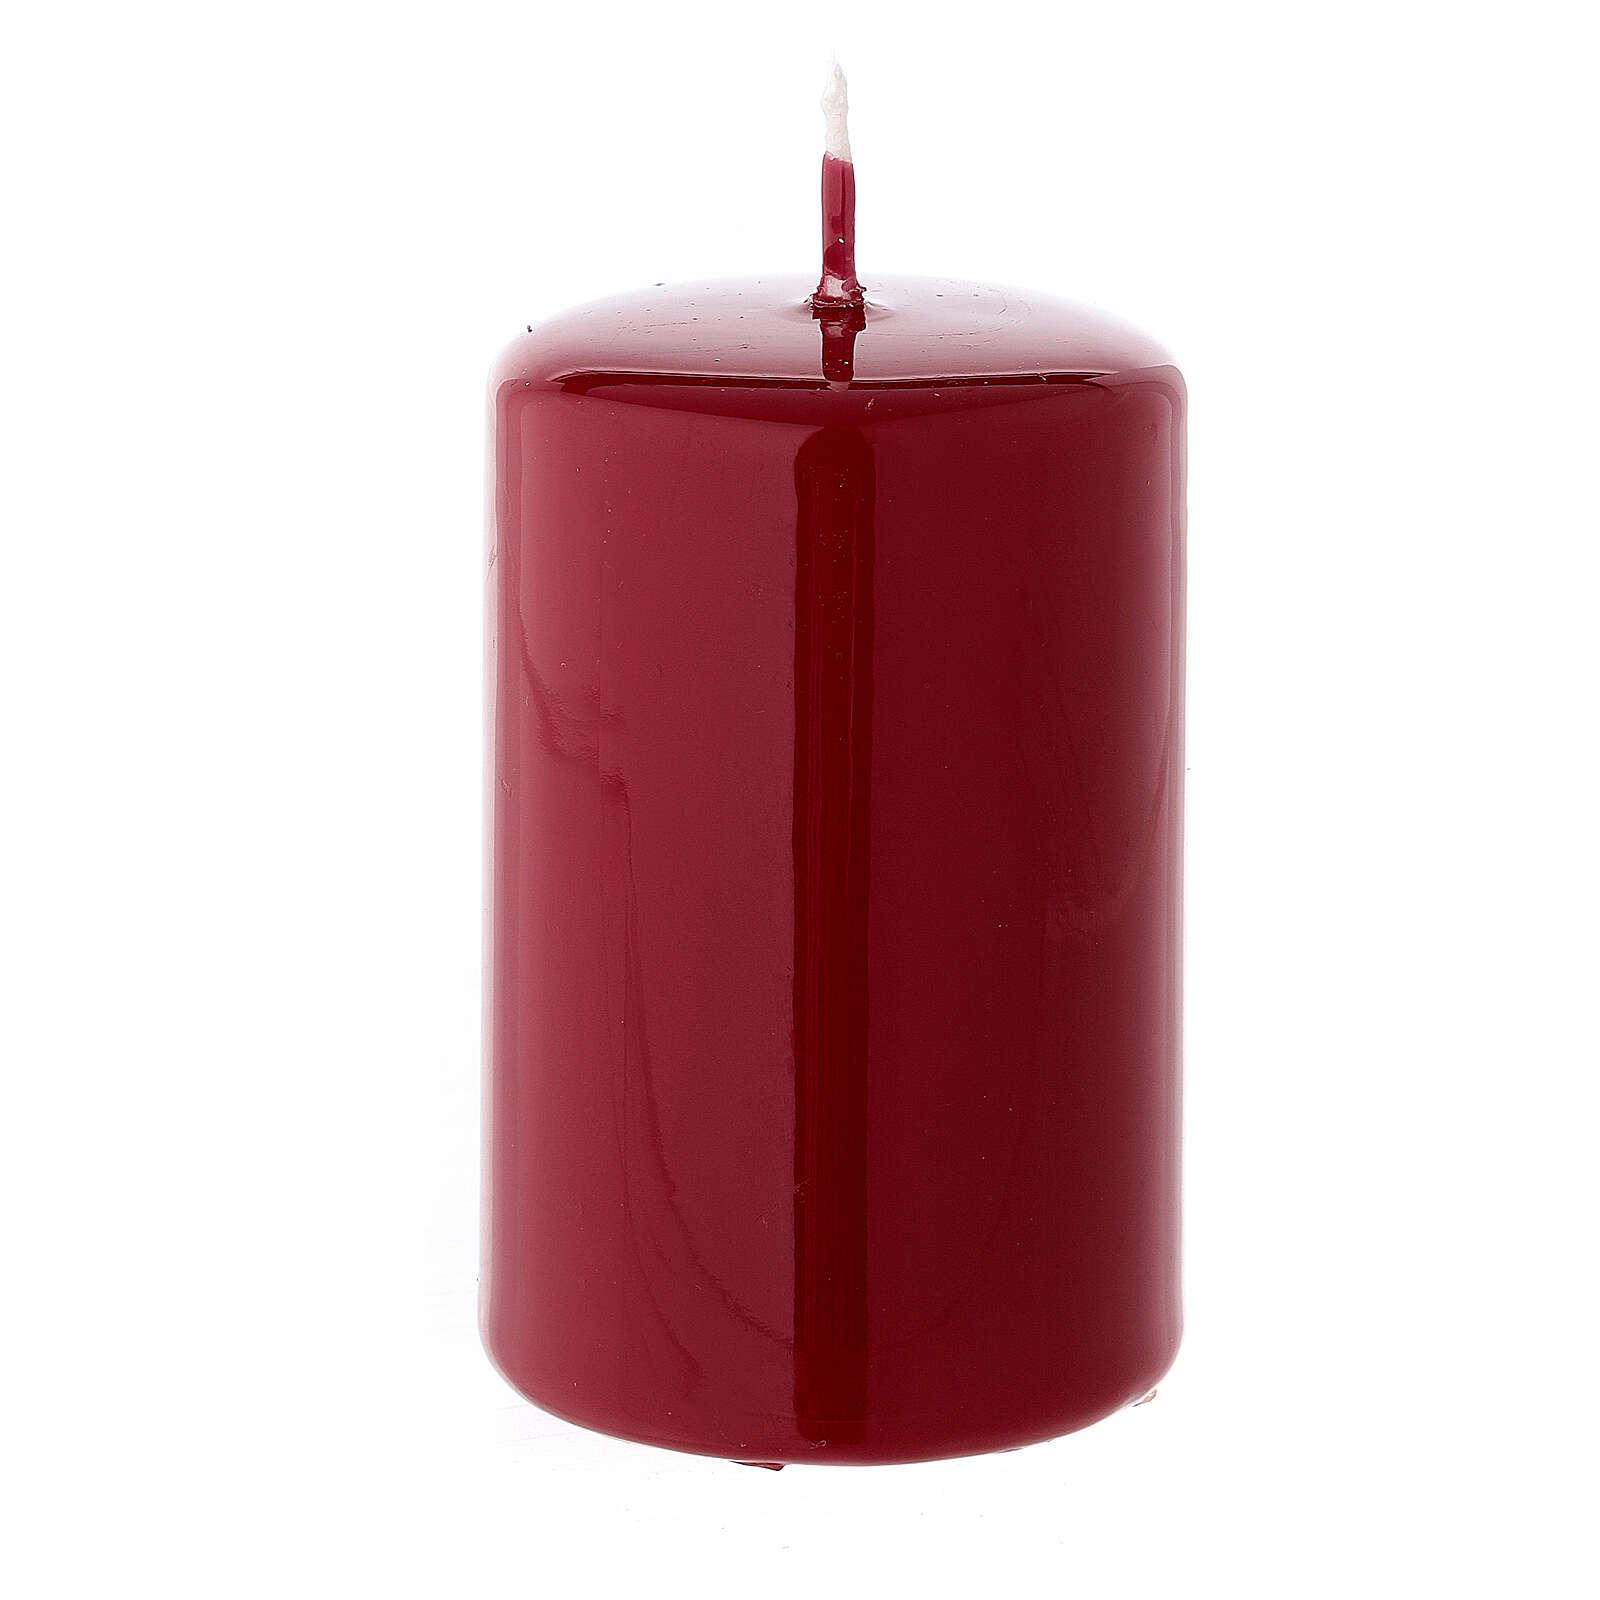 Bougie de Noël cylindre 80x50 mm cire à cacheter rouge foncé 3